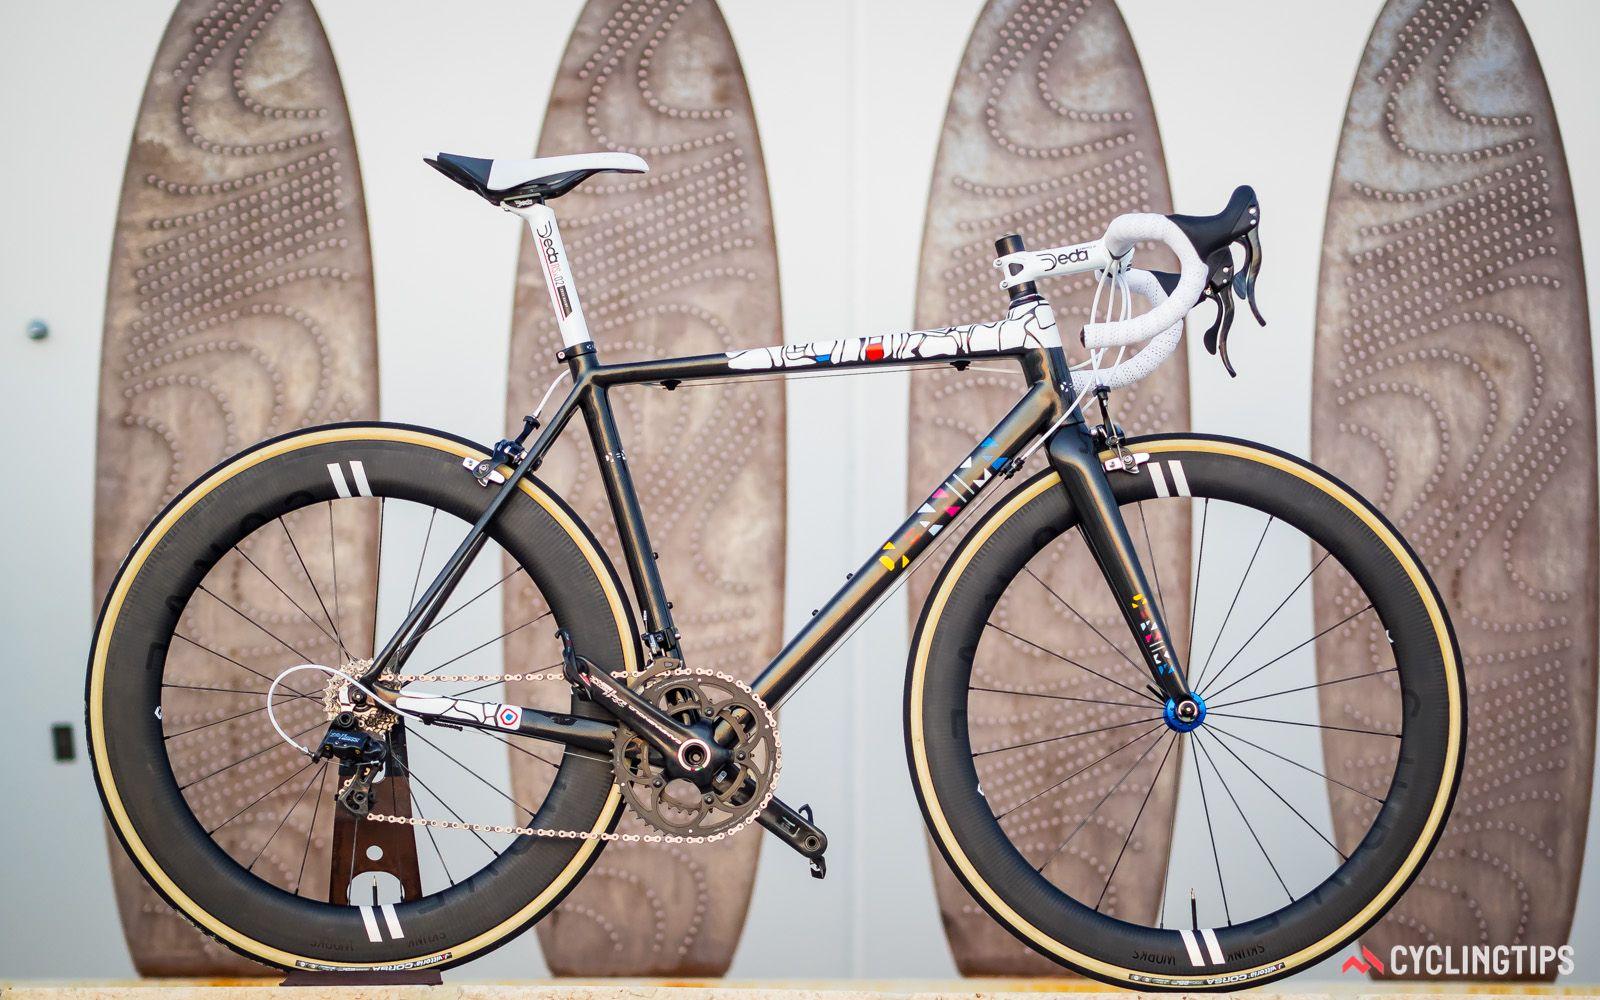 Dedacciai Atleta Road Bike Bike Reviews Road Bikes Bicycle